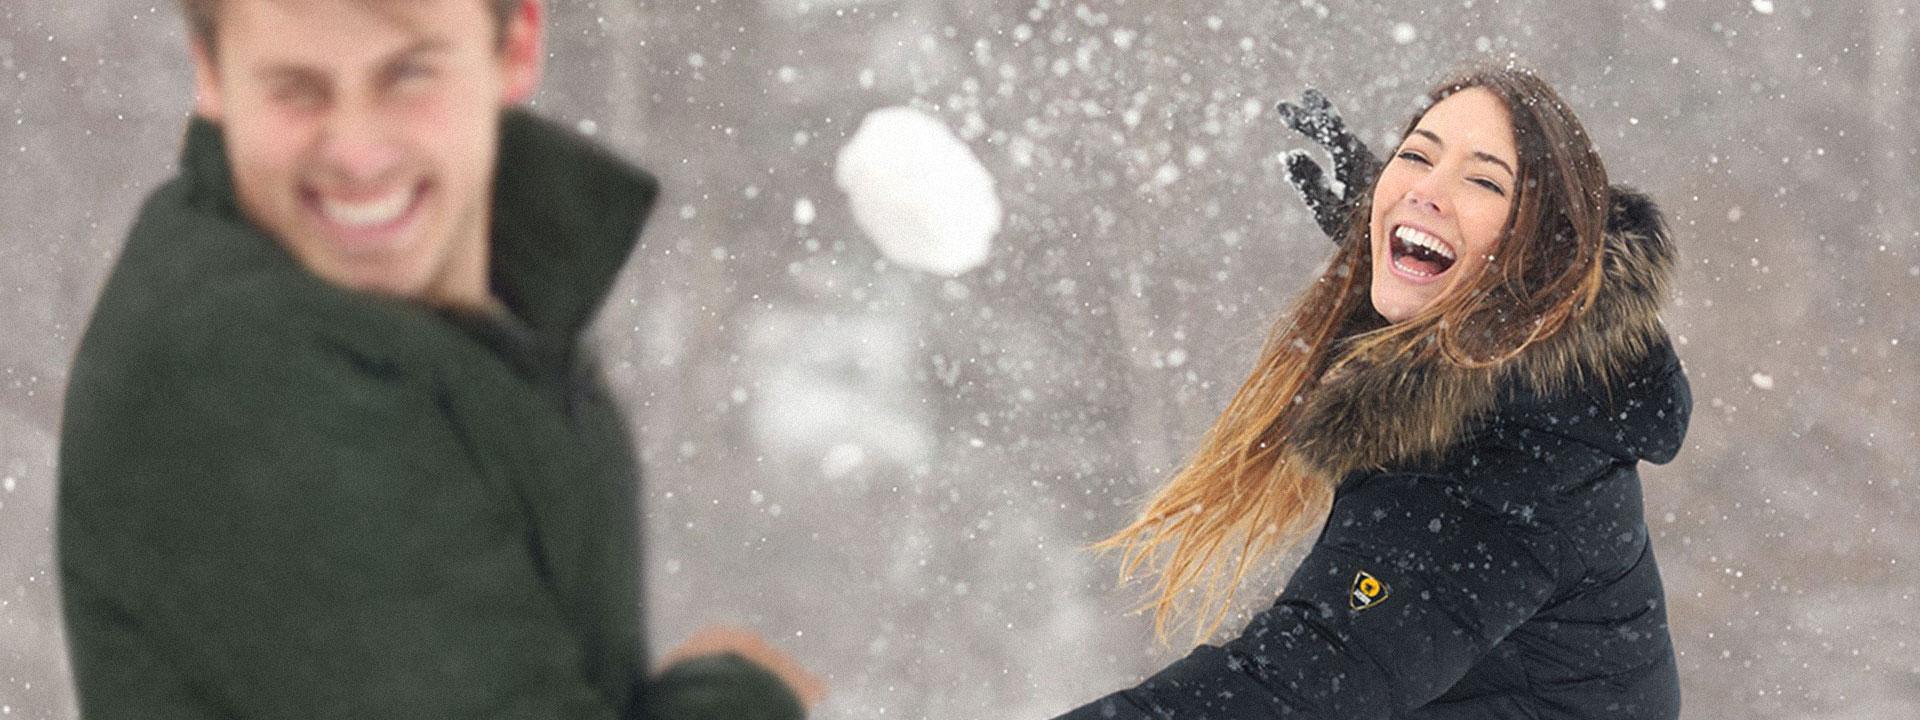 Ciesse Piumini - Inverno: comfort & fun